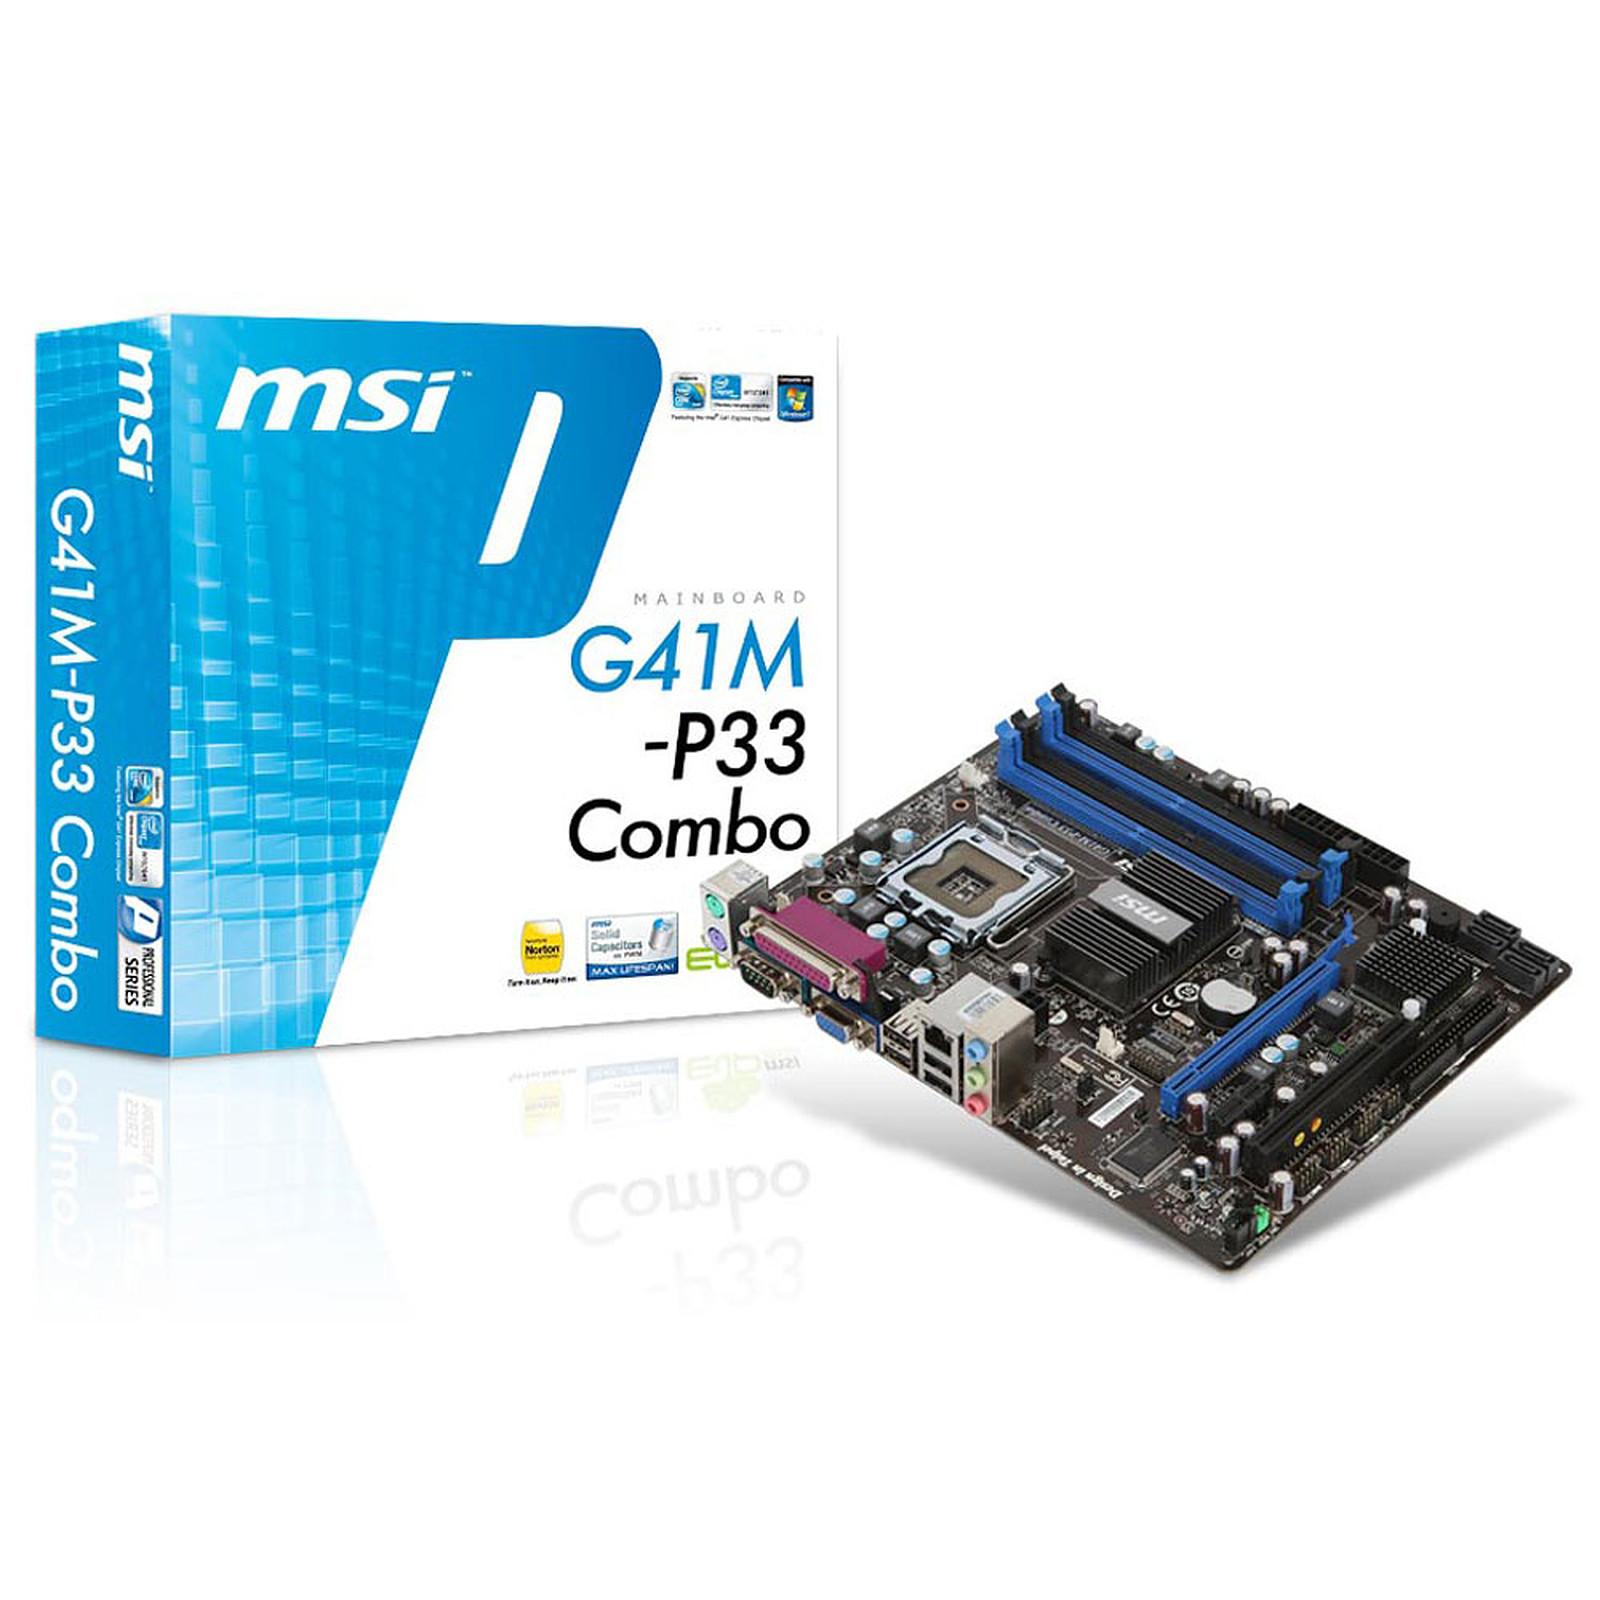 MSI G41M-P33 Combo